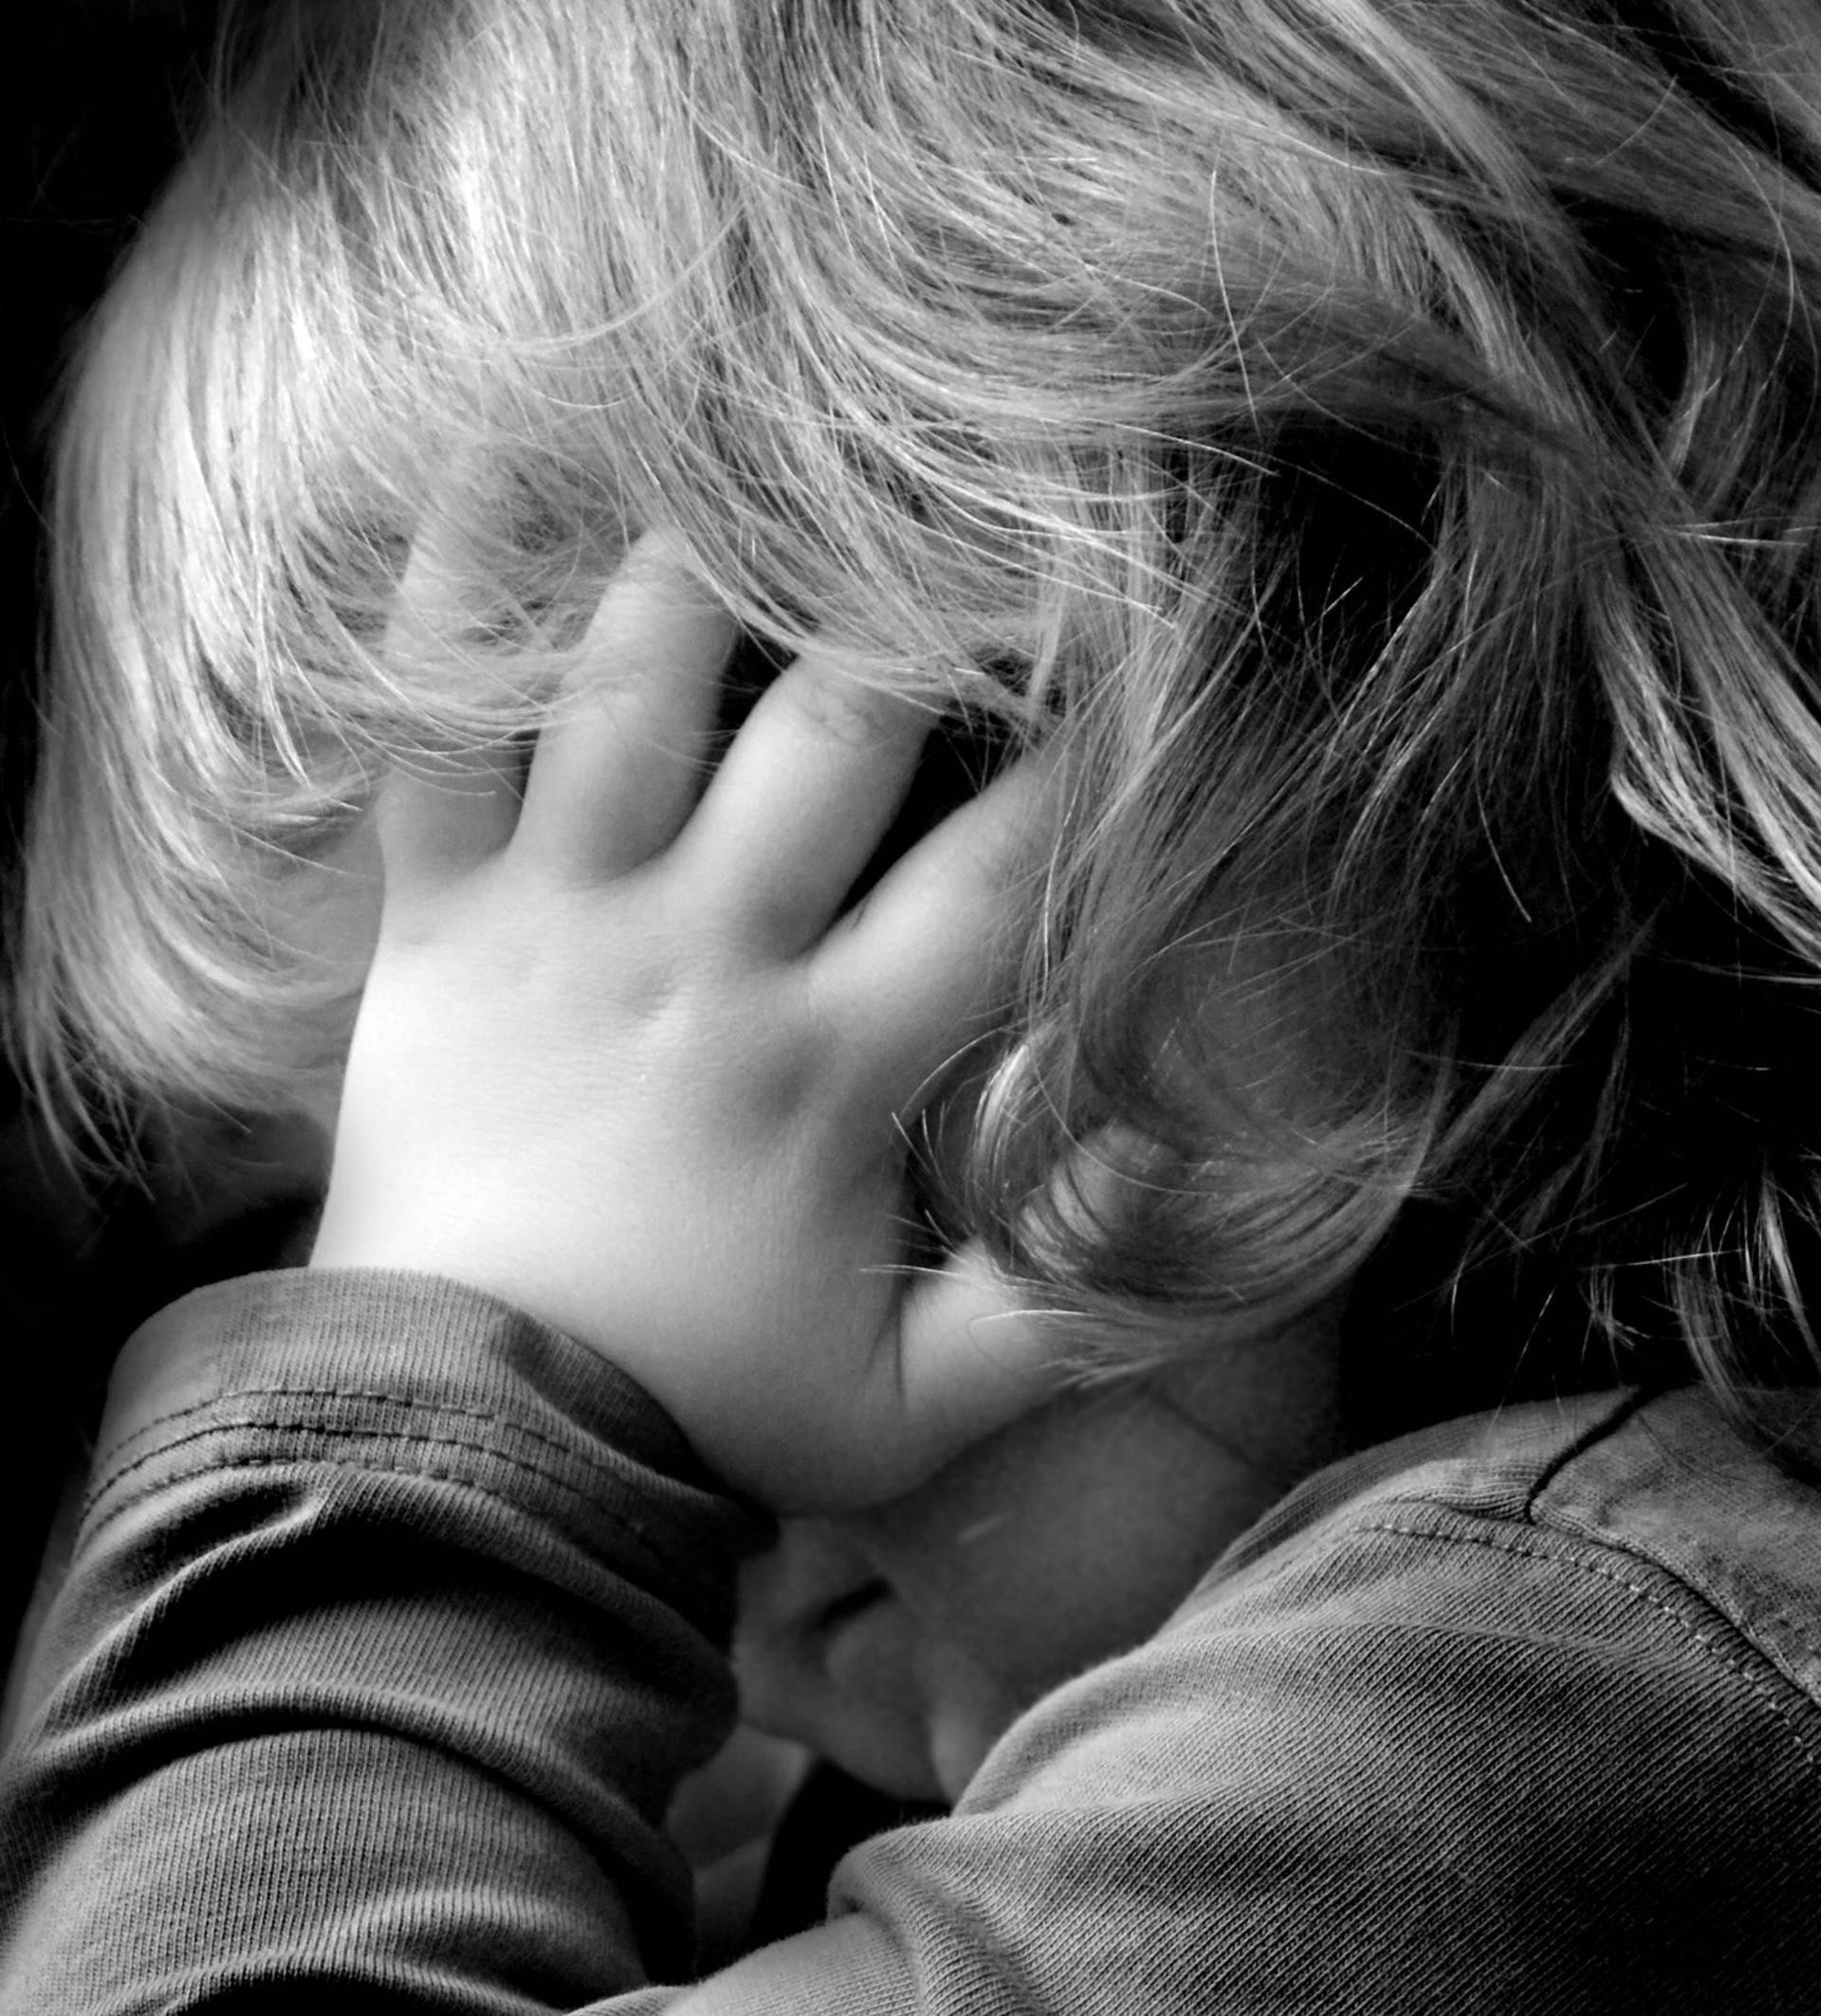 7 vrsta dječjeg ponašanja koje roditelji ne bi trebali tolerirati